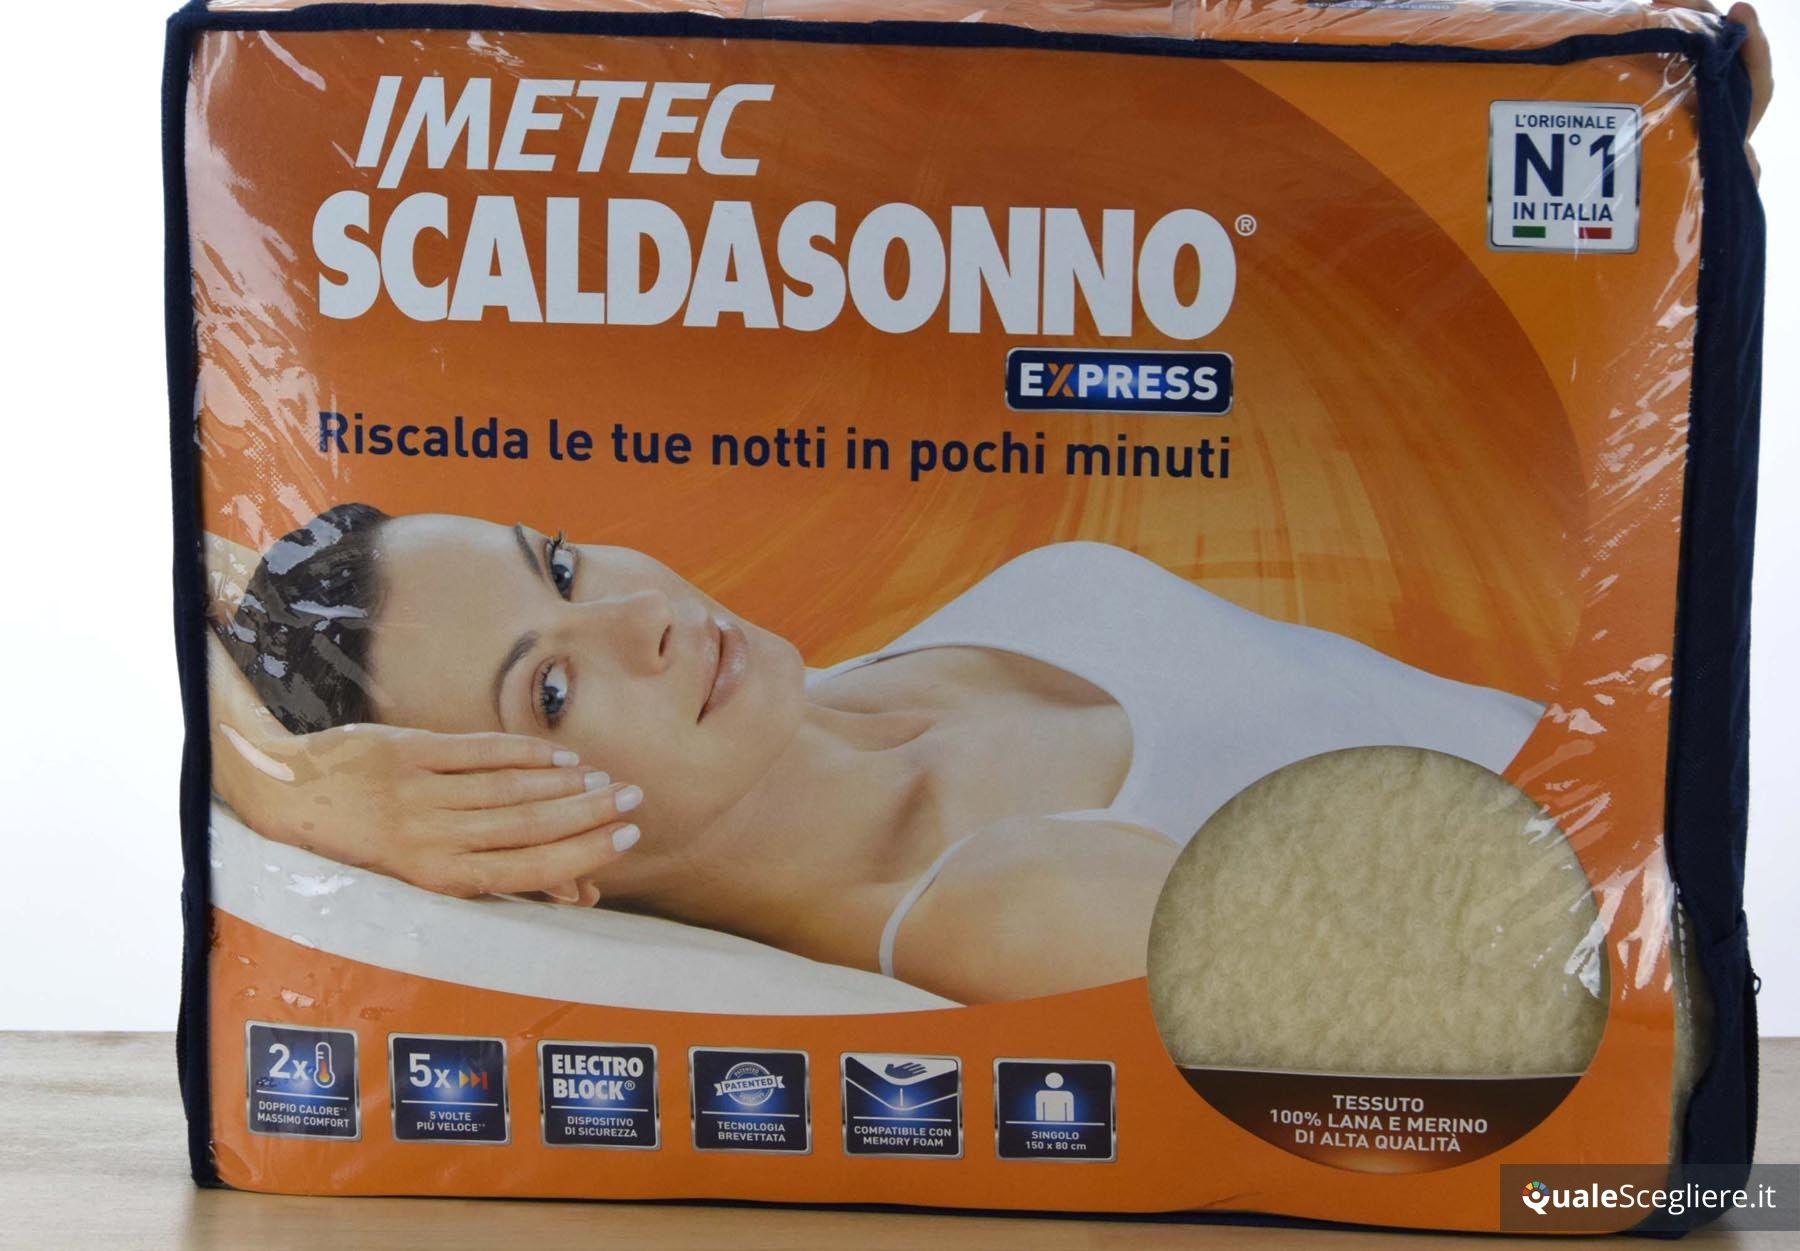 Prezzo Scaldasonno Singolo Imetec.Imetec Scaldasonno Express 16284